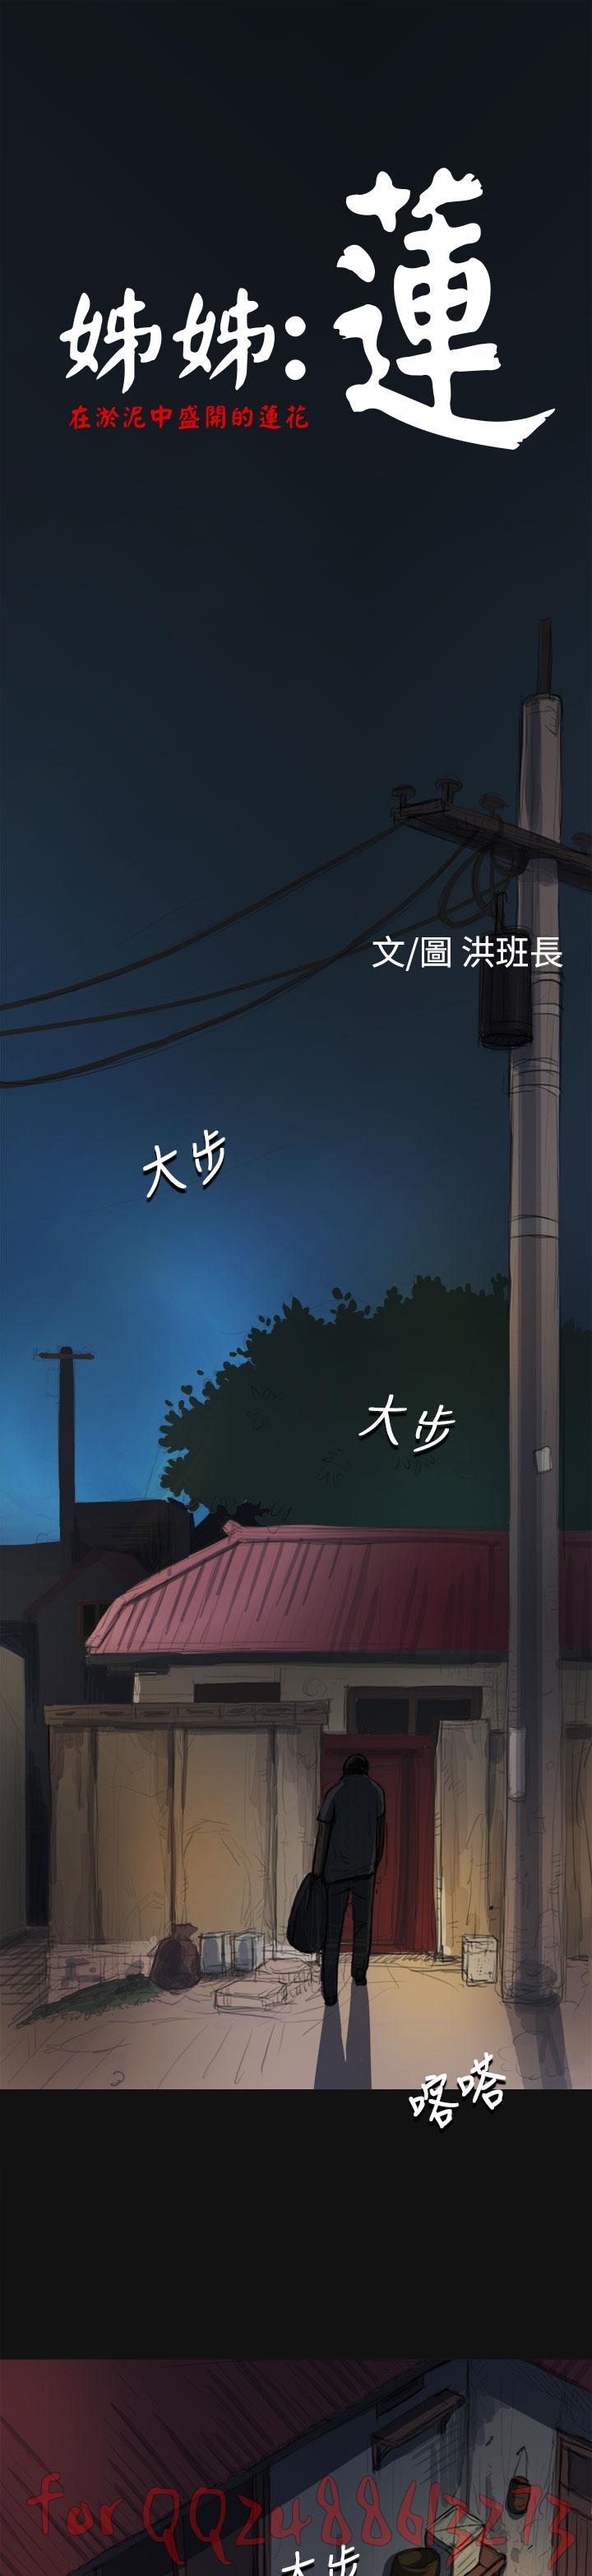 姊姊: 莲 第1~10話 [Chinese]中文 93